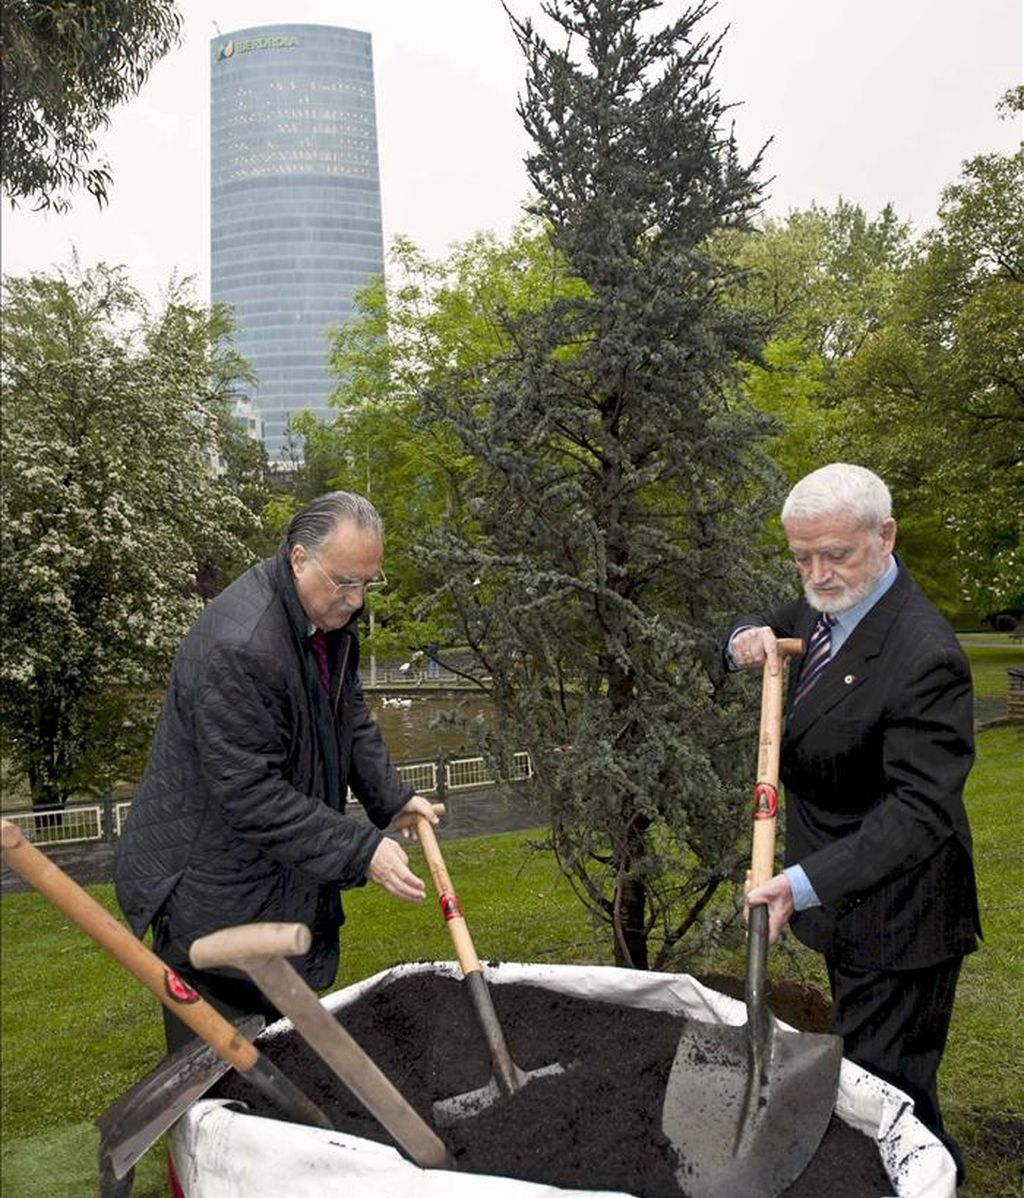 El alcalde de Bilbao, Iñaki Azkuna (izda), y el presidente del Centro Español de Derechos Reprográficos, Juan Mollá, plantan un como símbolo del respeto que merece la propiedad intelectual de autores y editores. EFE